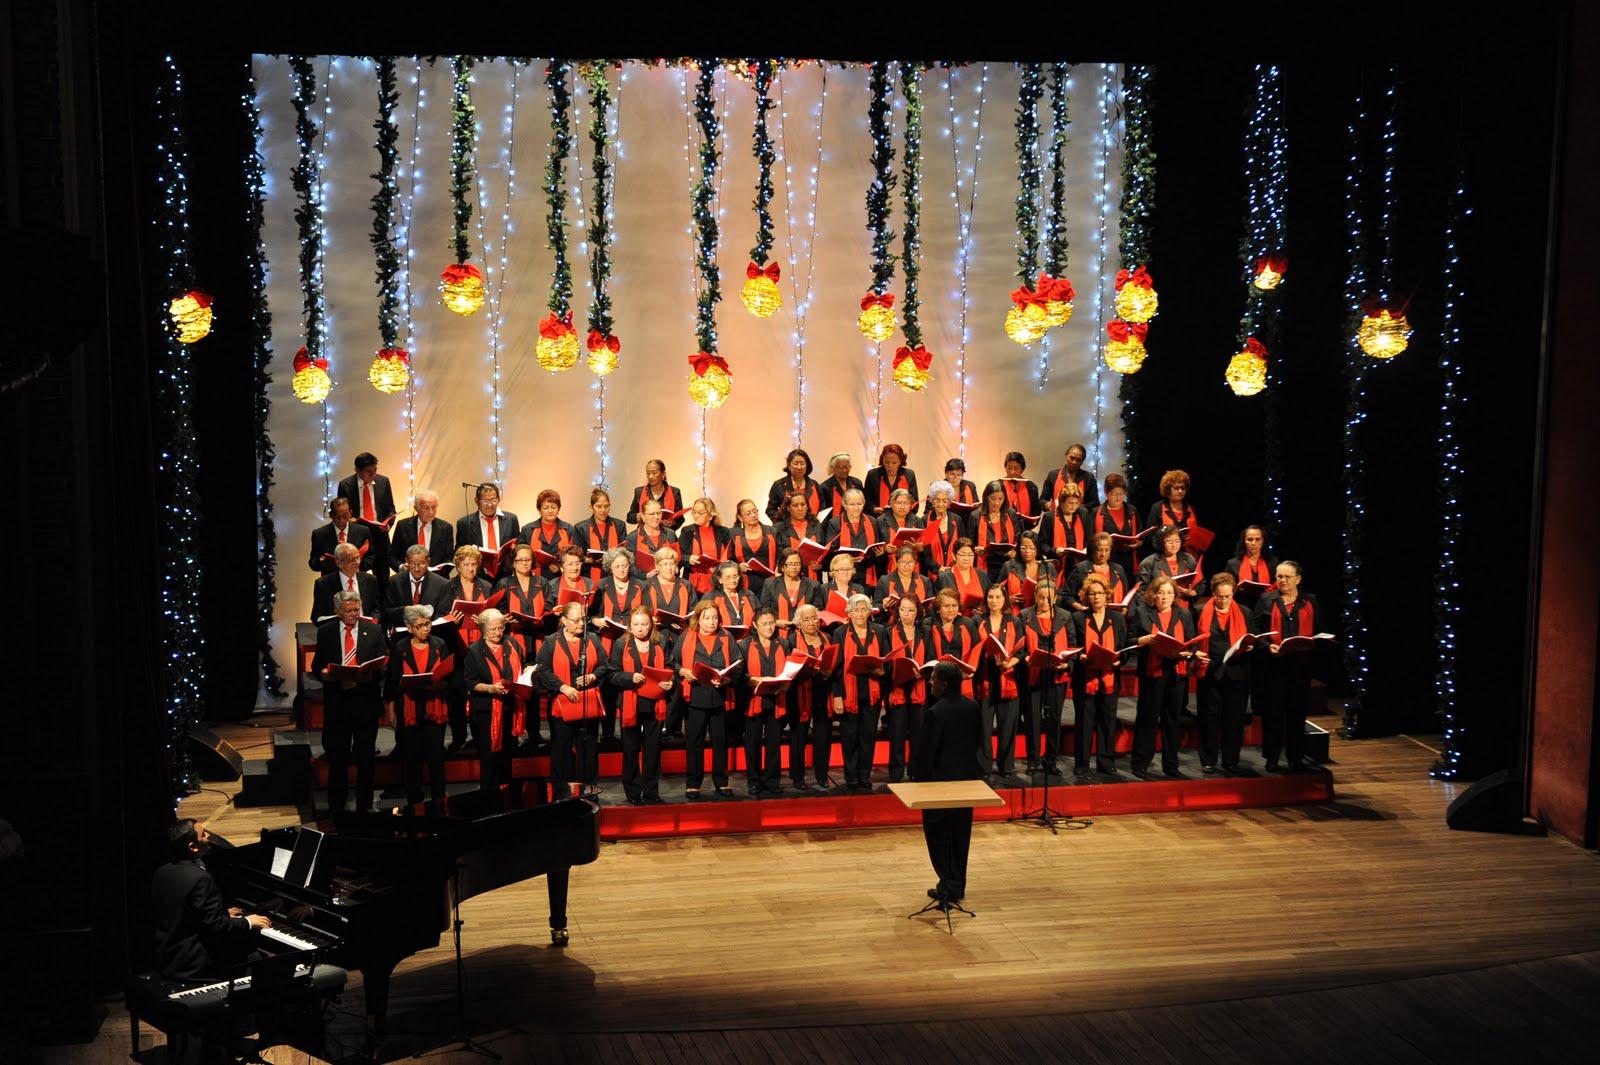 Baixar Cd Cantata Natal Crianças Cantarem - Cantata …